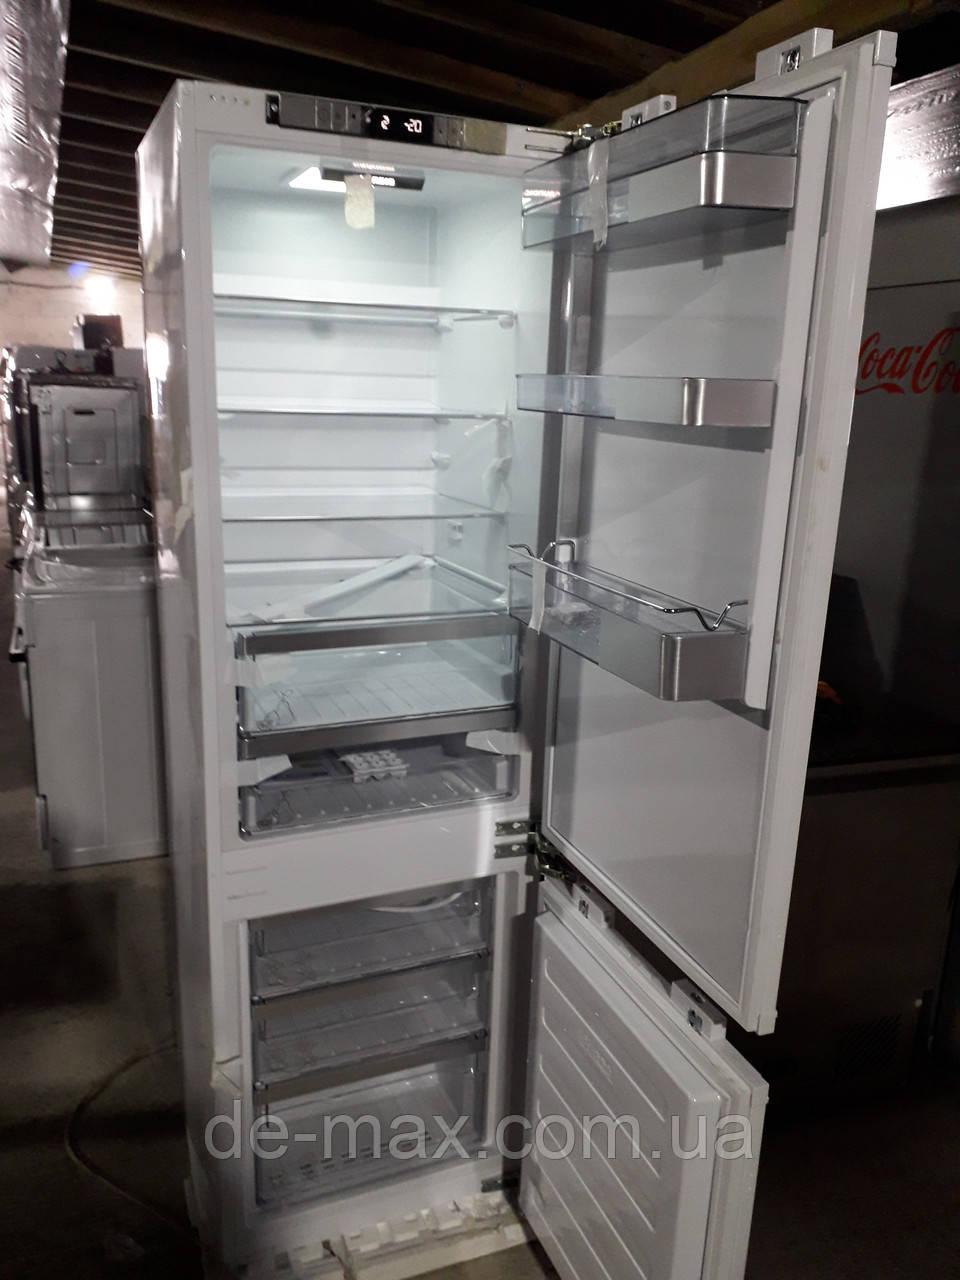 Встраиваемый холодильник Грюндиг Grundig Edition 70 Led No Frost A++